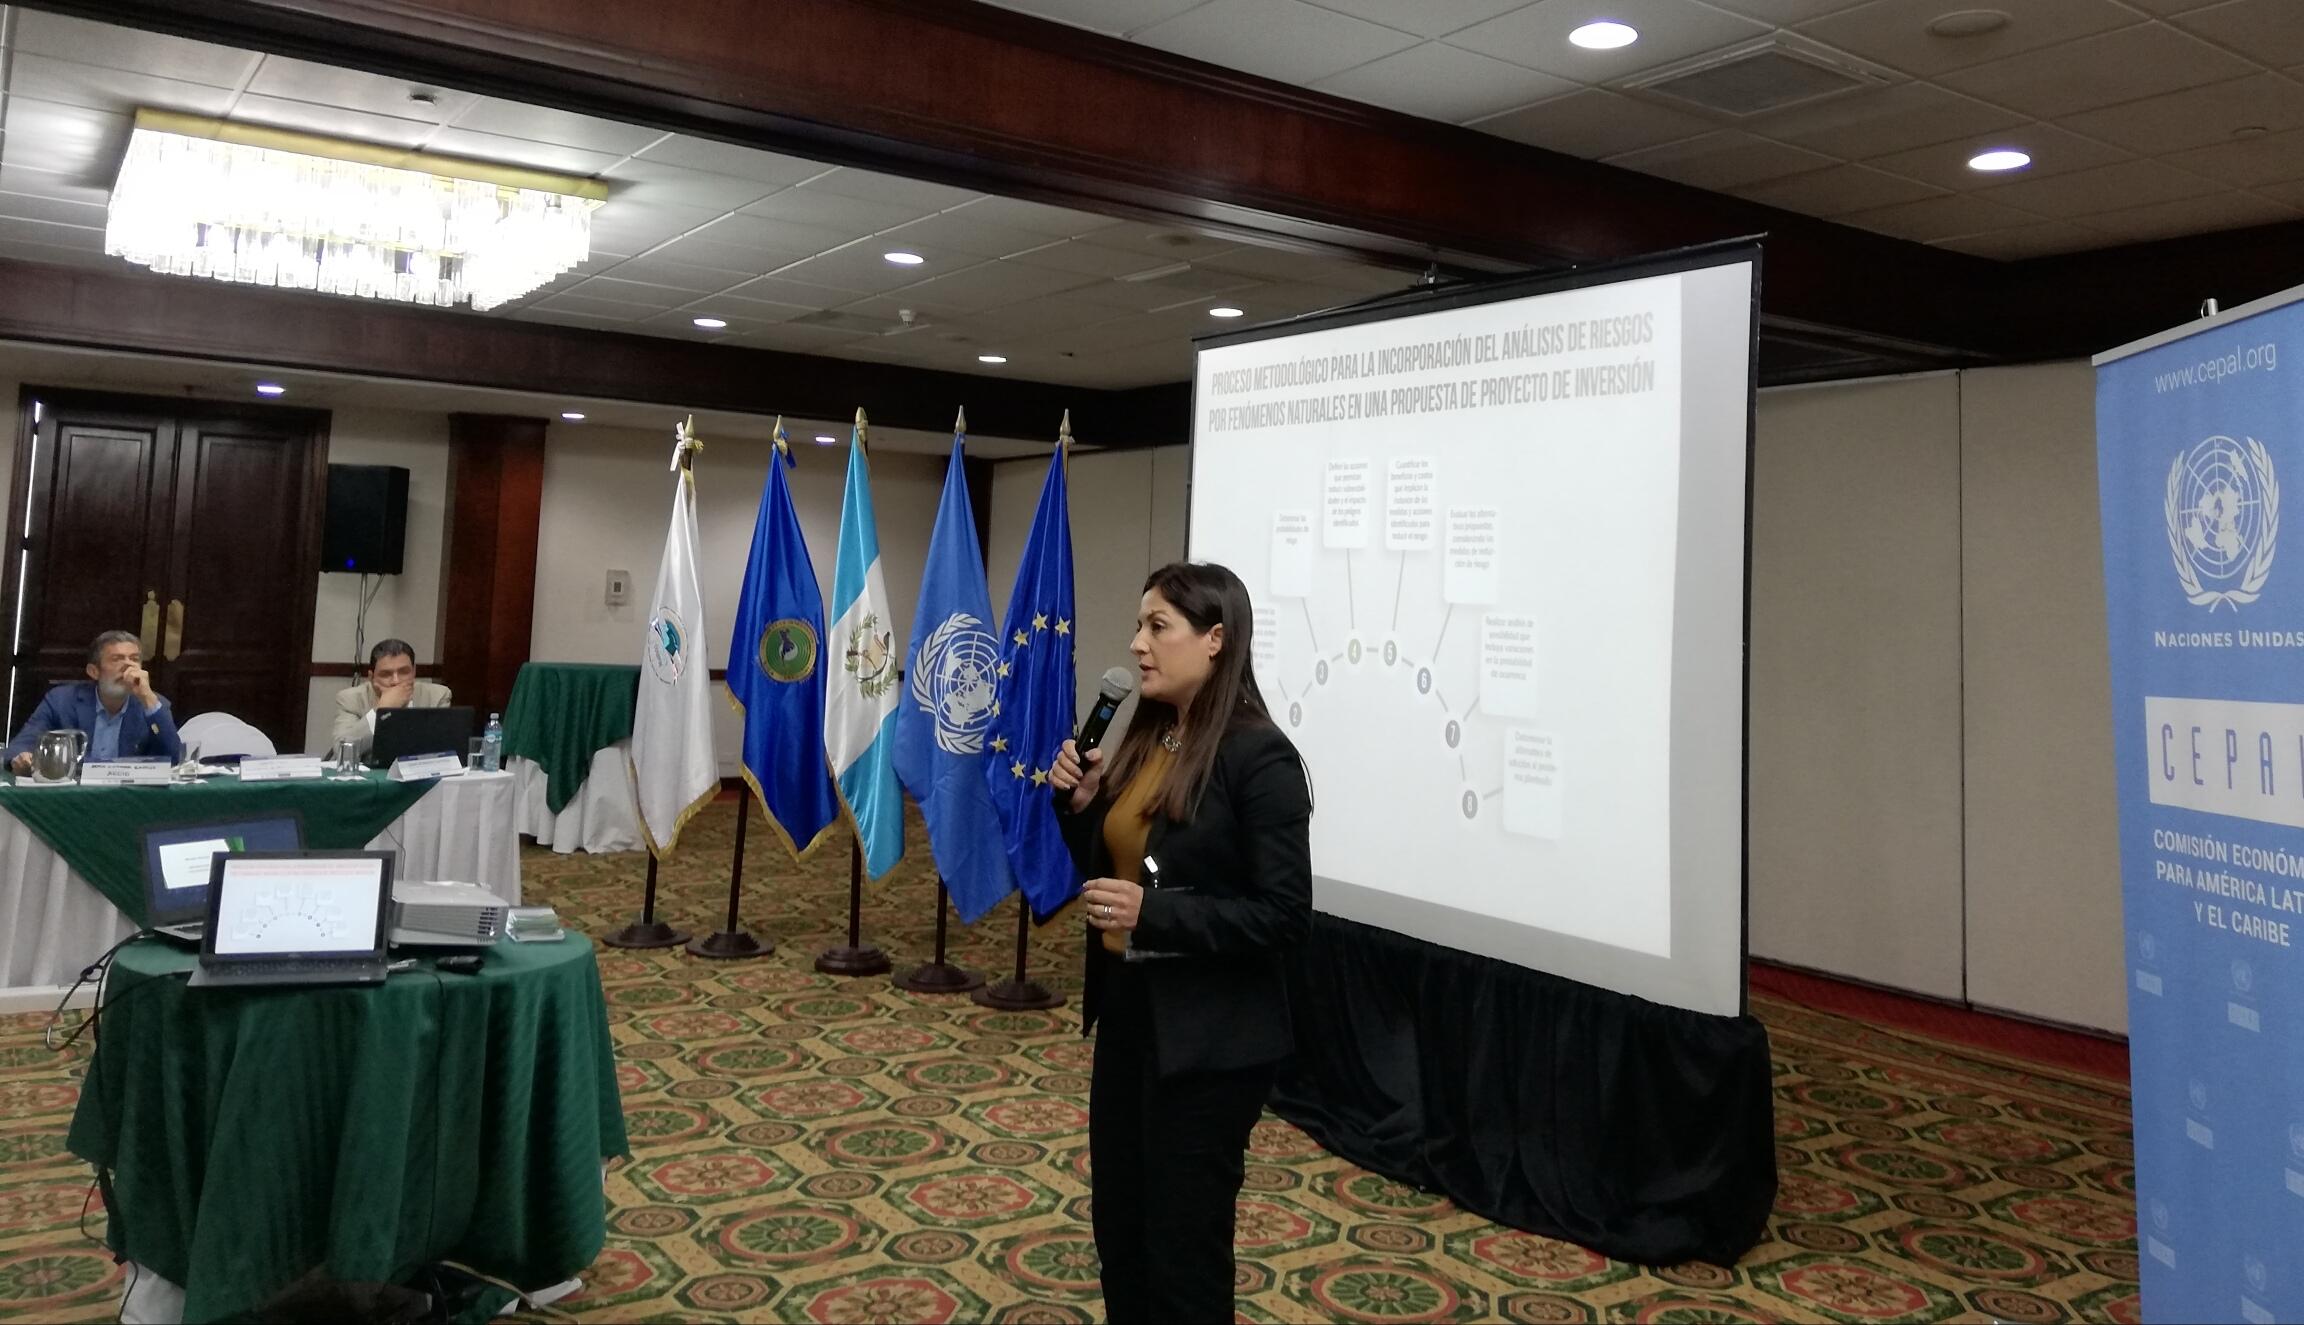 ICAP presenta su propuesta formativa en gestión de riesgo en Guatemala